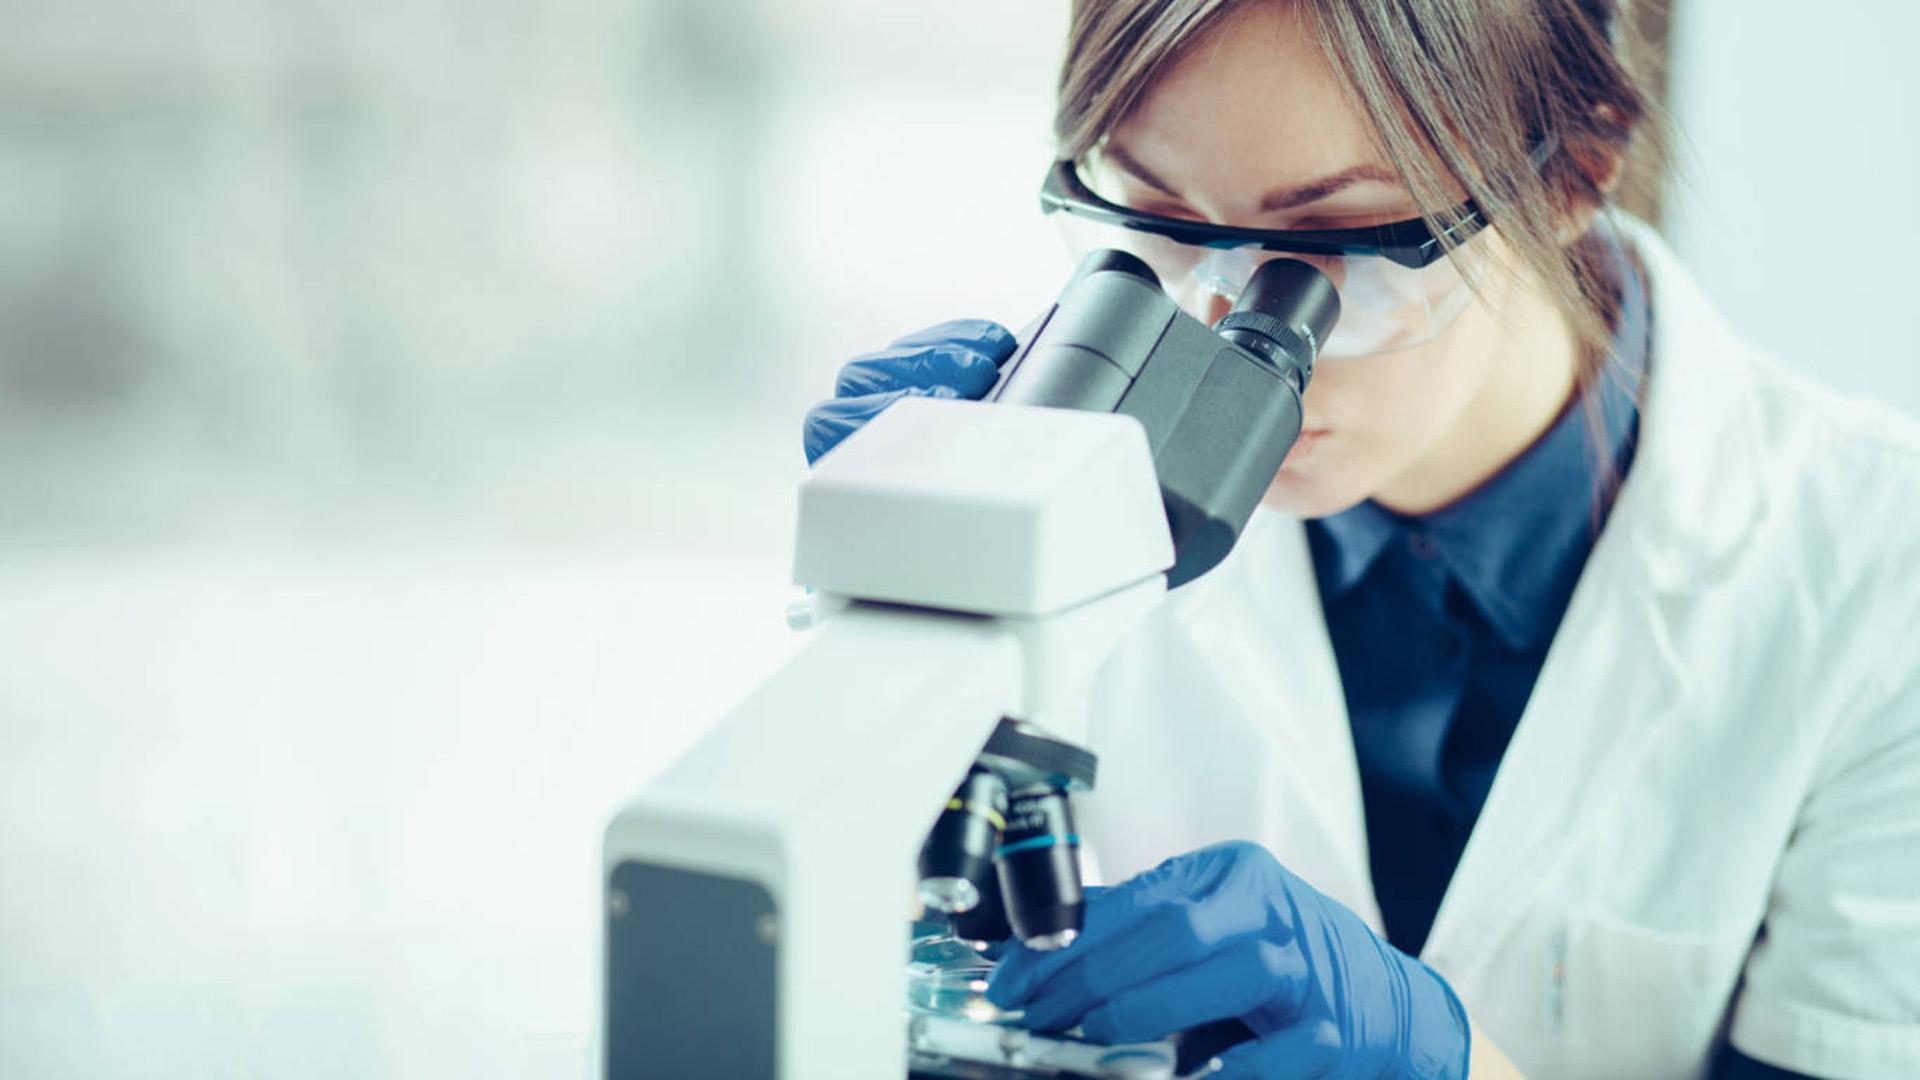 Los científicos continúan avanzando en ayudar a los pacientes diabéticos